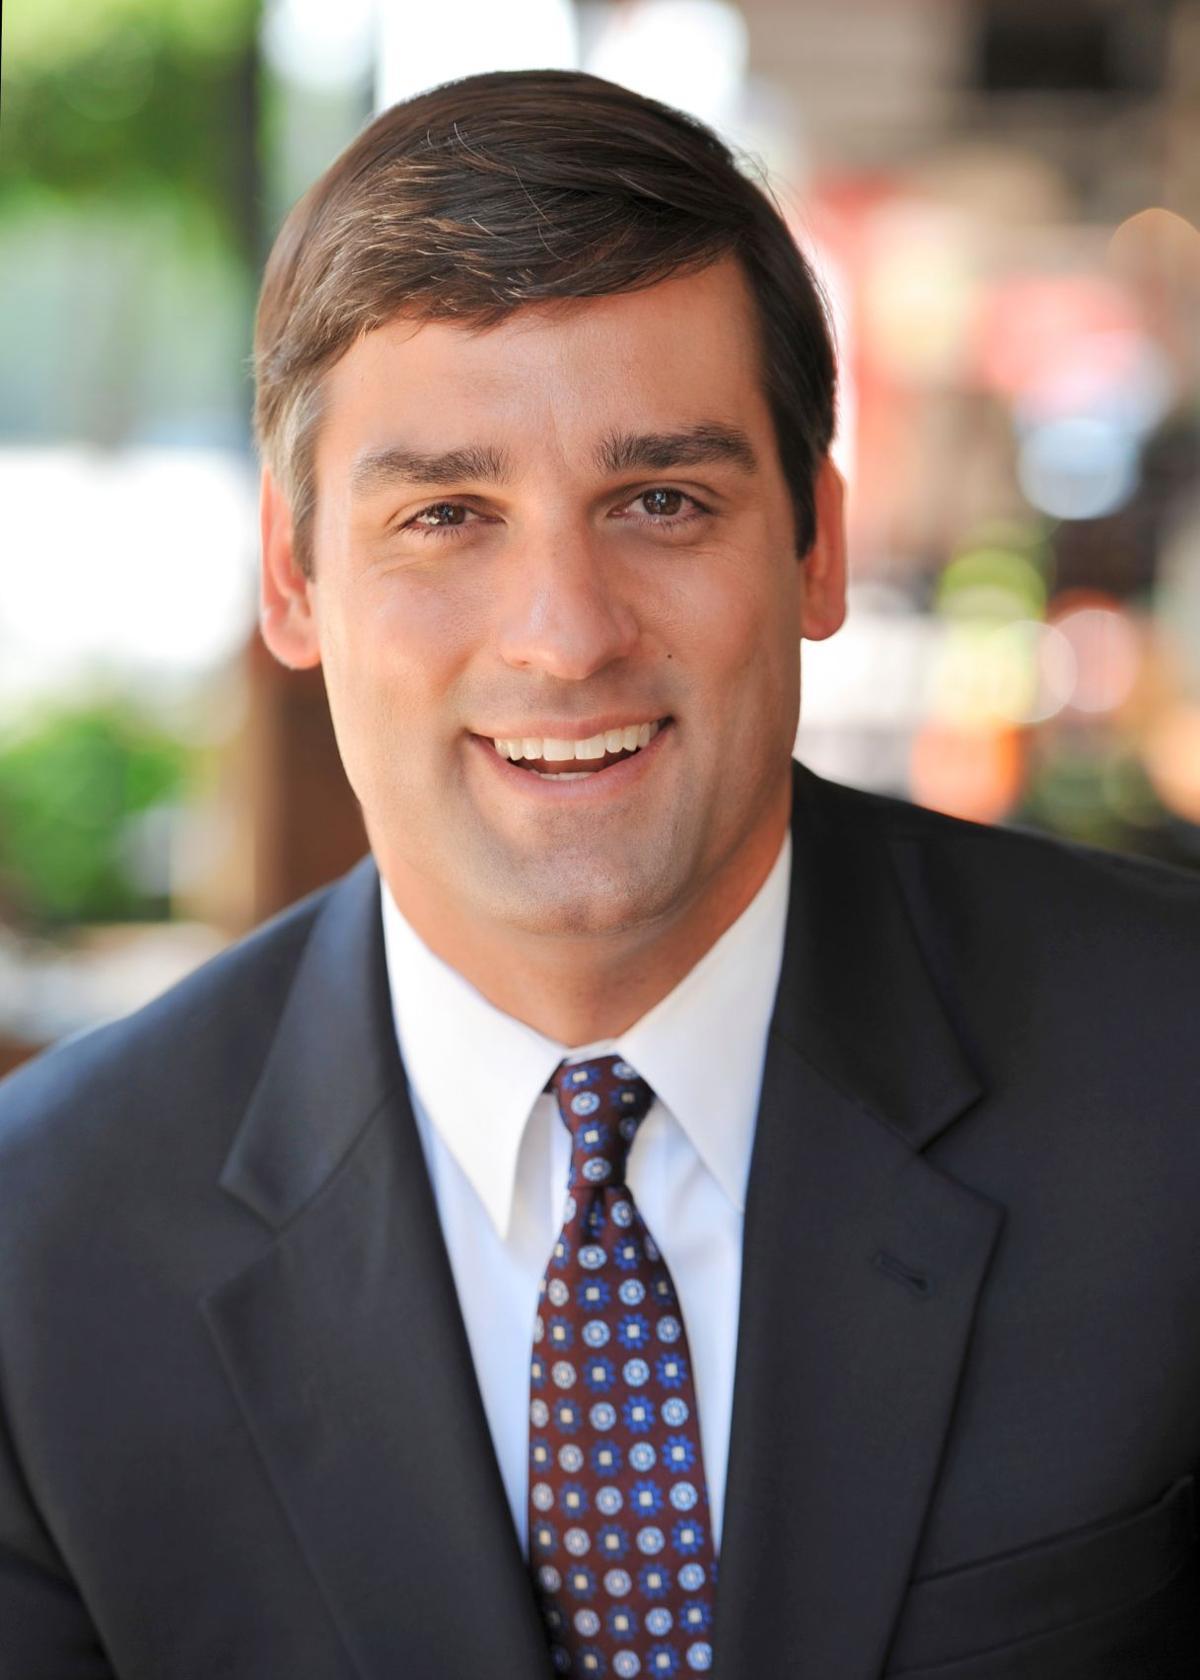 Grant Rivera